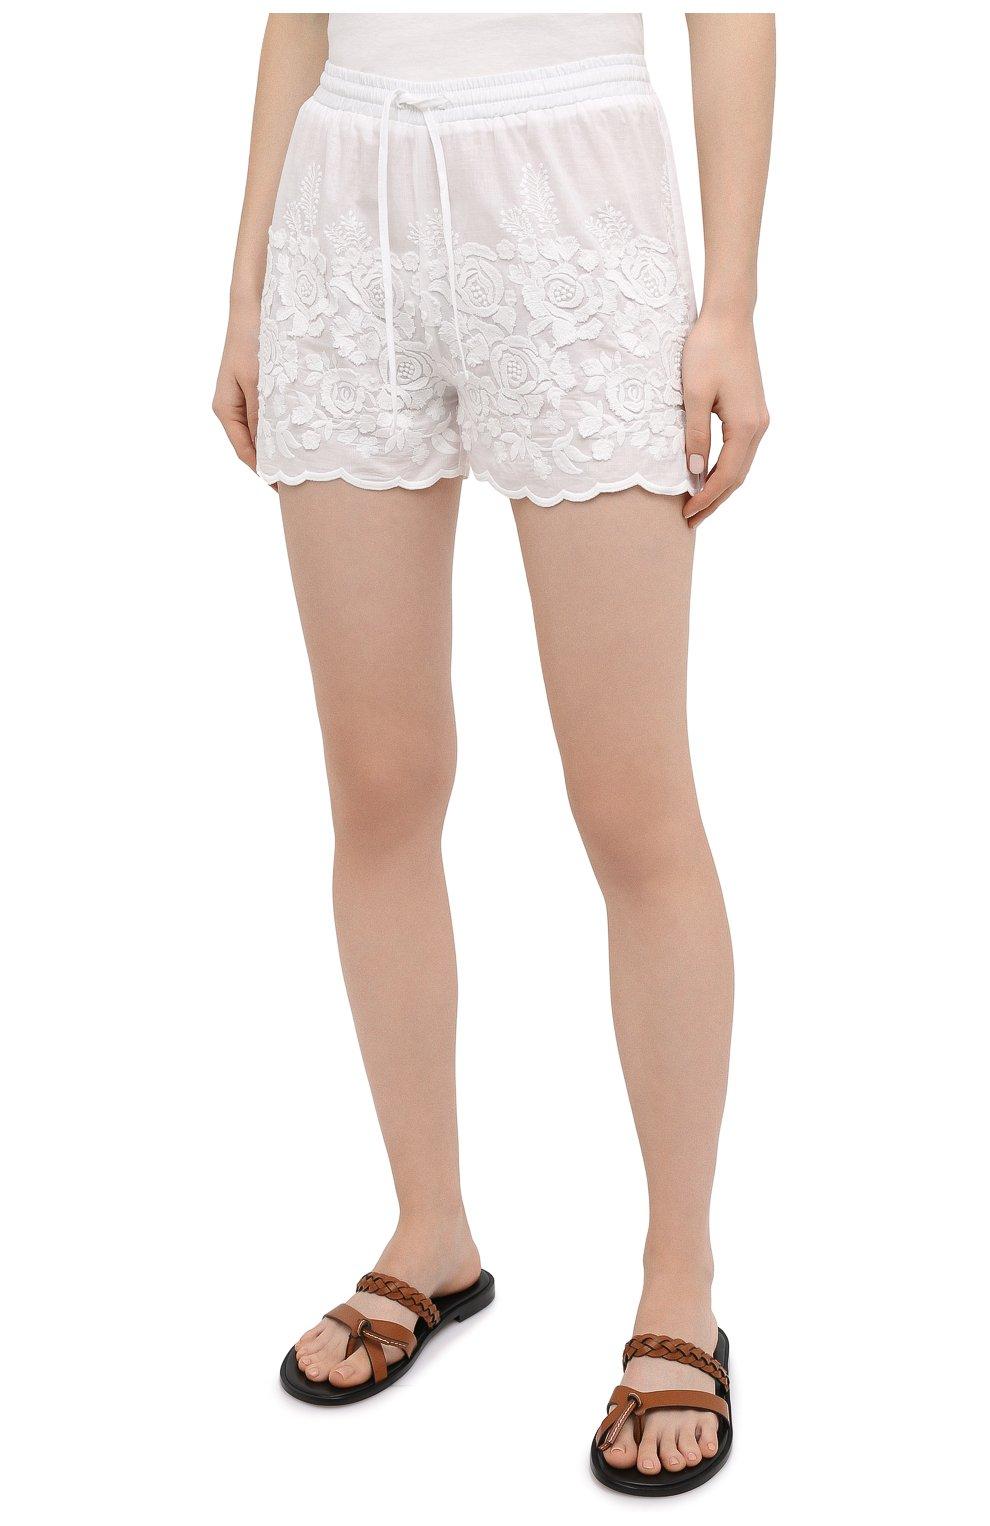 Женские хлопковые шорты EVA B.BITZER светло-бежевого цвета, арт. 10312245 | Фото 3 (Женское Кросс-КТ: Шорты-одежда, Шорты-пляжная одежда; Длина Ж (юбки, платья, шорты): Мини; Материал внешний: Хлопок; Стили: Бохо)